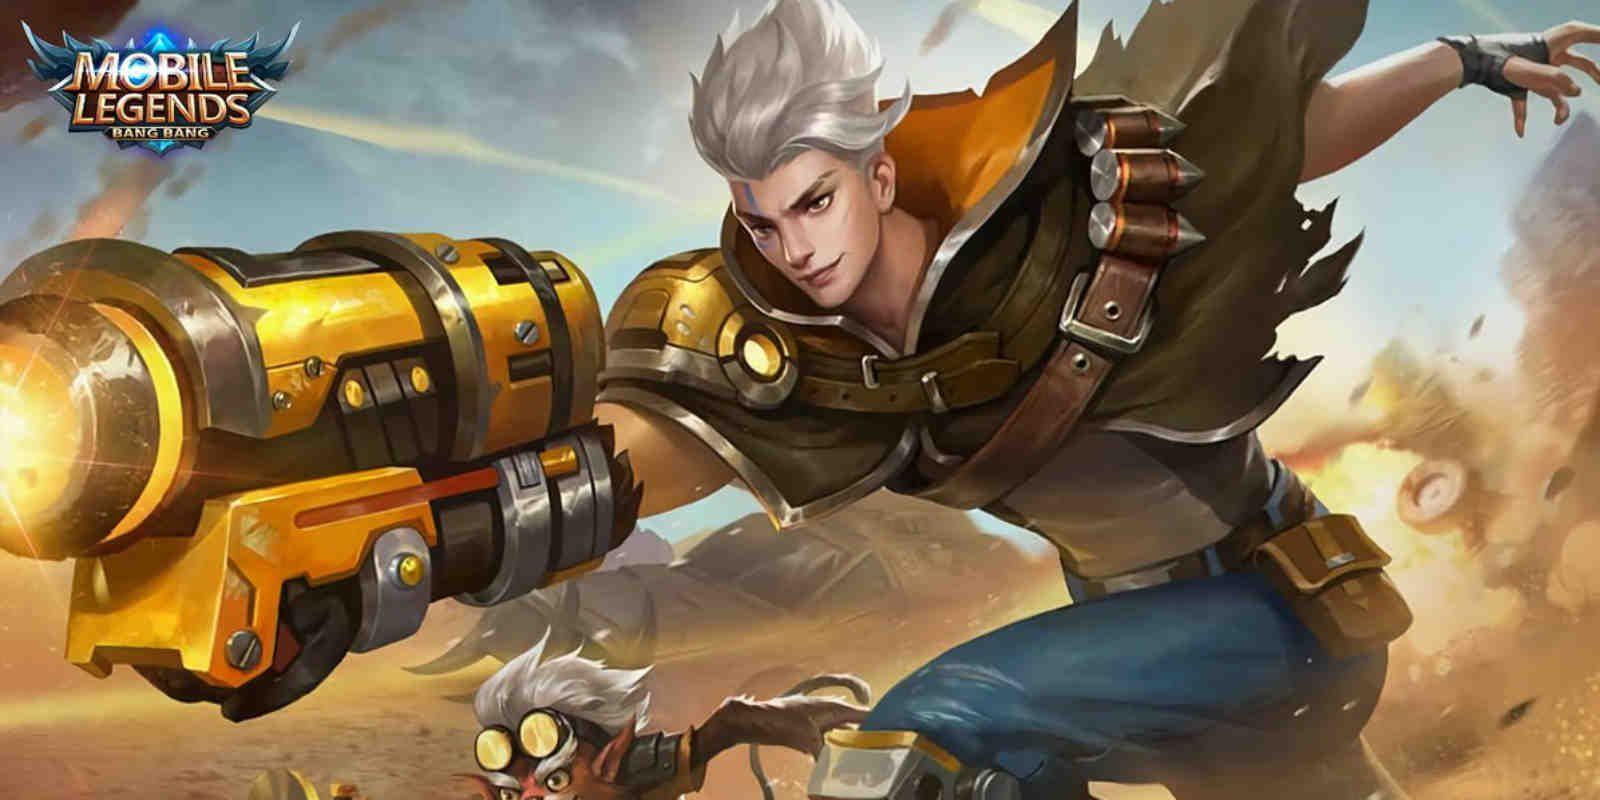 Fortalezas y debilidades de Claude Mobile Legends (ML)